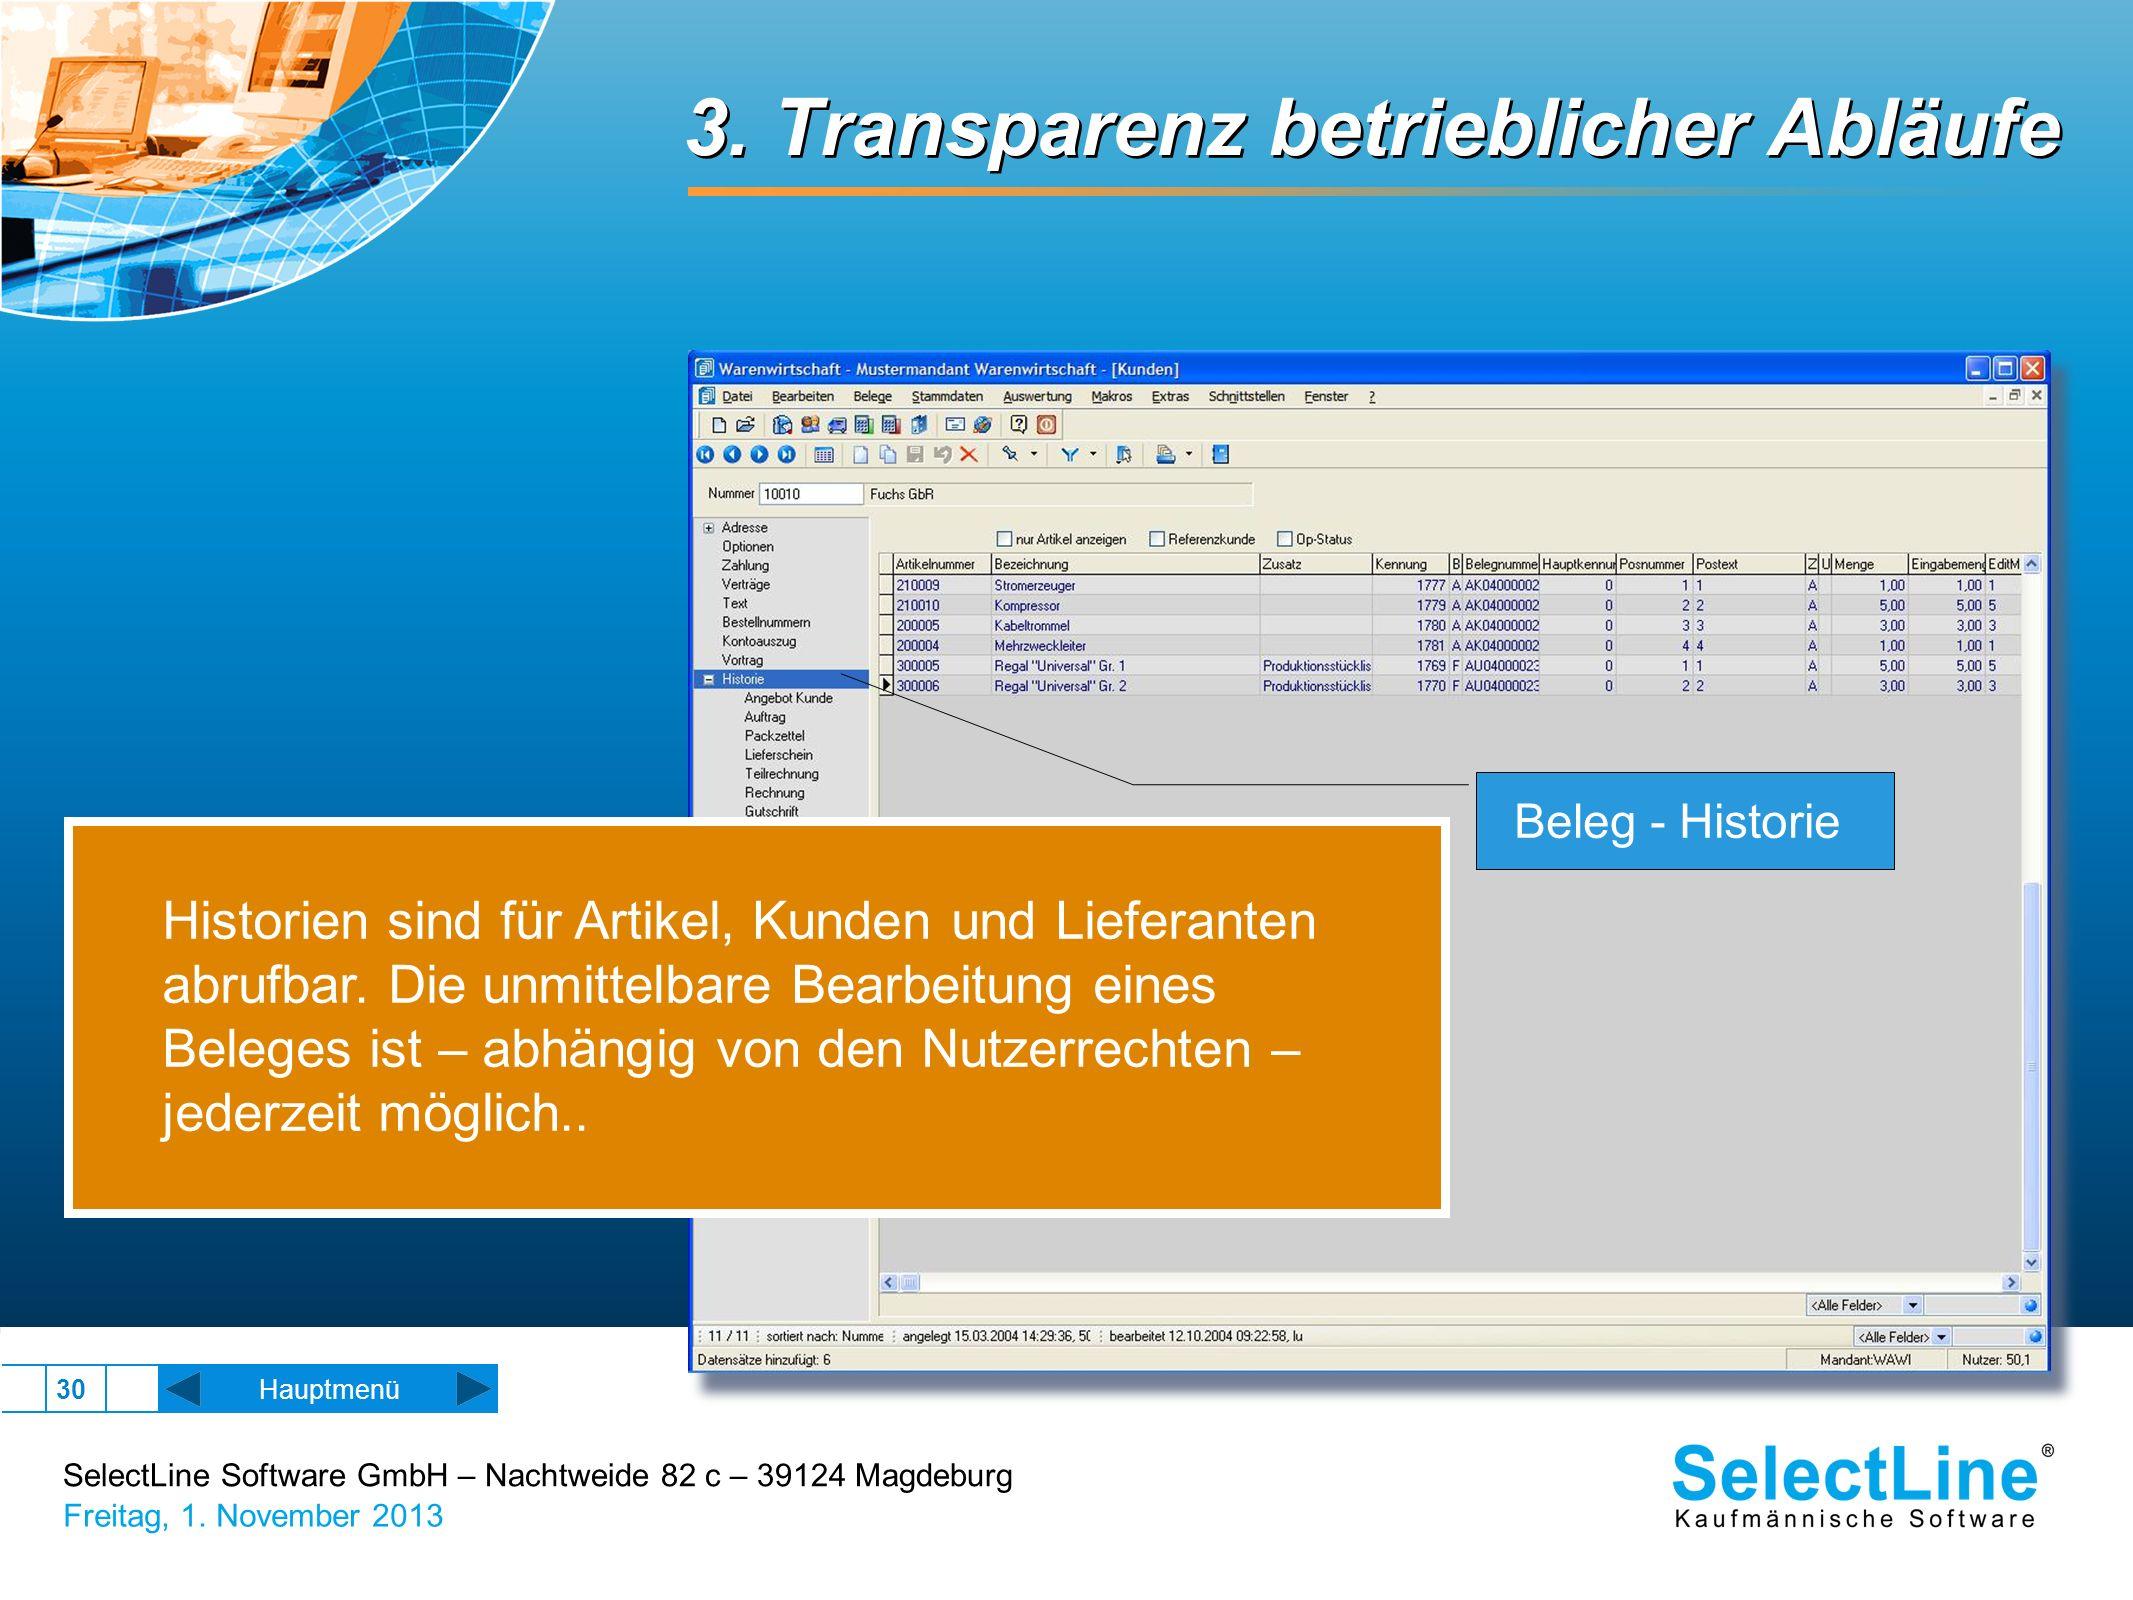 3. Transparenz betrieblicher Abläufe